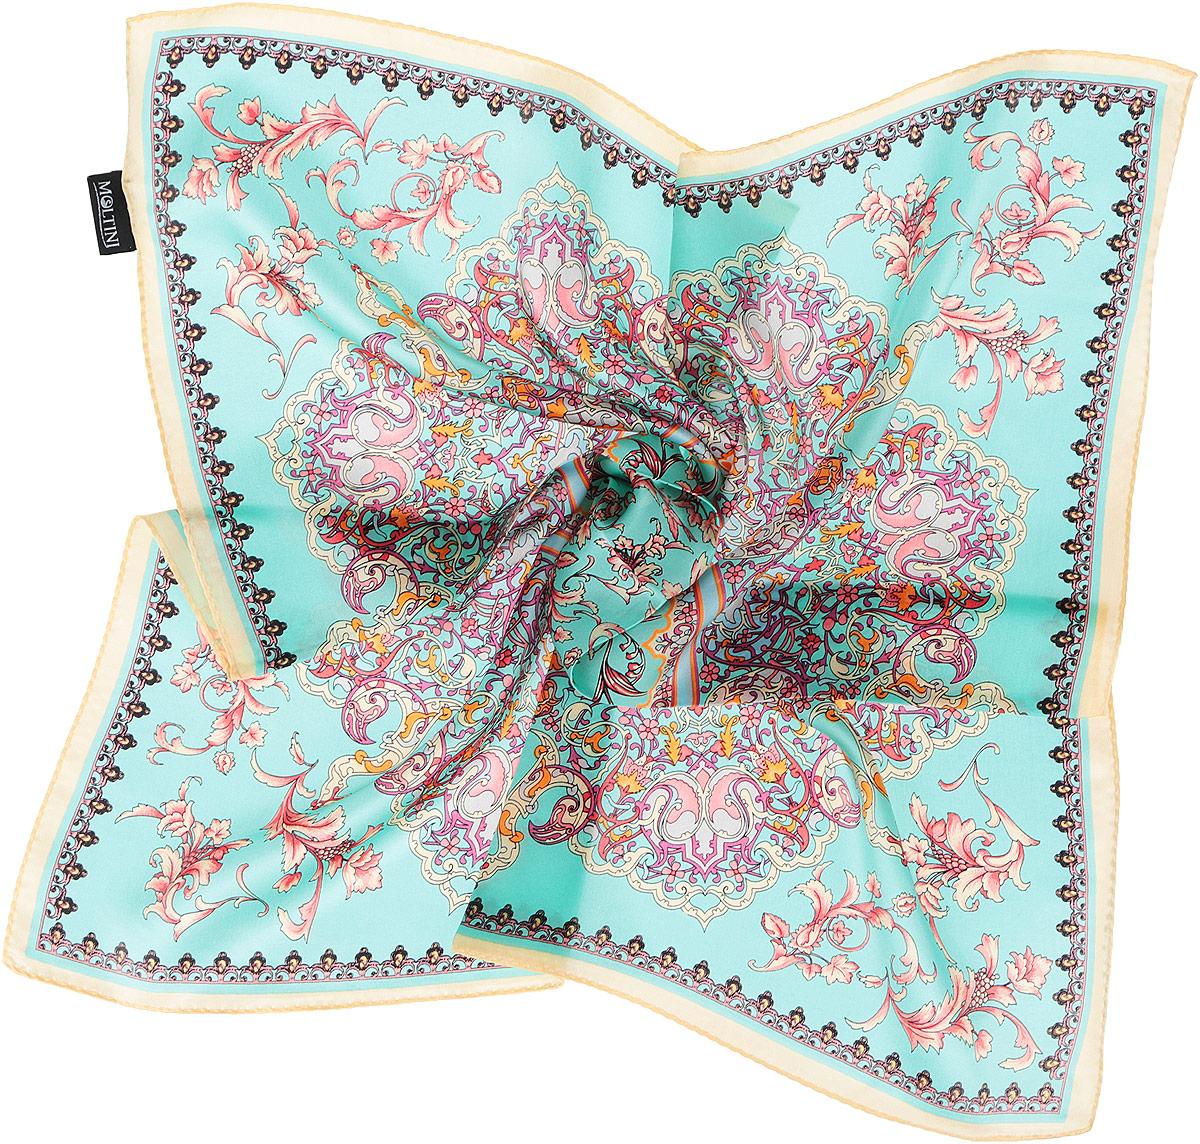 Платок216119-1HИзумительный женский платок Moltini хочется носить бесконечно, что вполне реально благодаря высокому качеству. Данный аксессуар может стать изюминкой практически любого наряда. Модель изготовлена из шелка, благодаря чему полотно тонкое и легкое. Платок оформлен потрясающими узором и цветовой гаммой. Платок Moltini станет вашим верным спутником, а окружающие обязательно будут обращать свое восторженное внимание на вас.